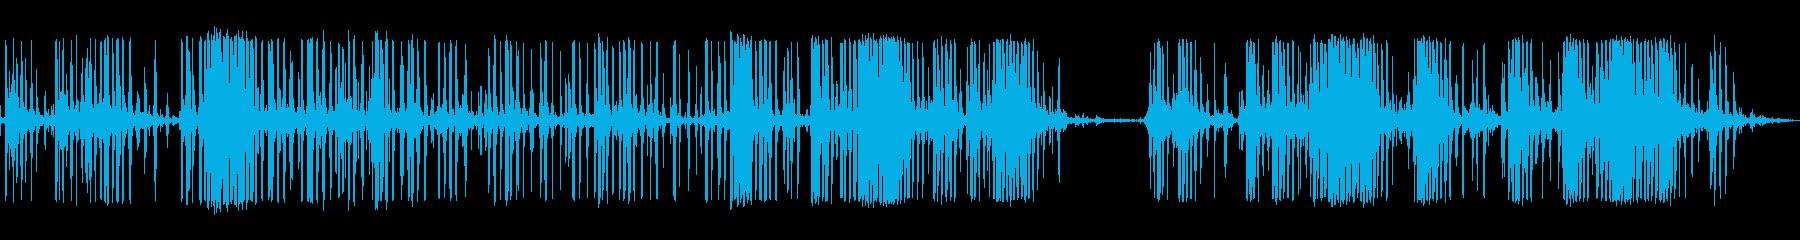 ホイール大クリックの再生済みの波形